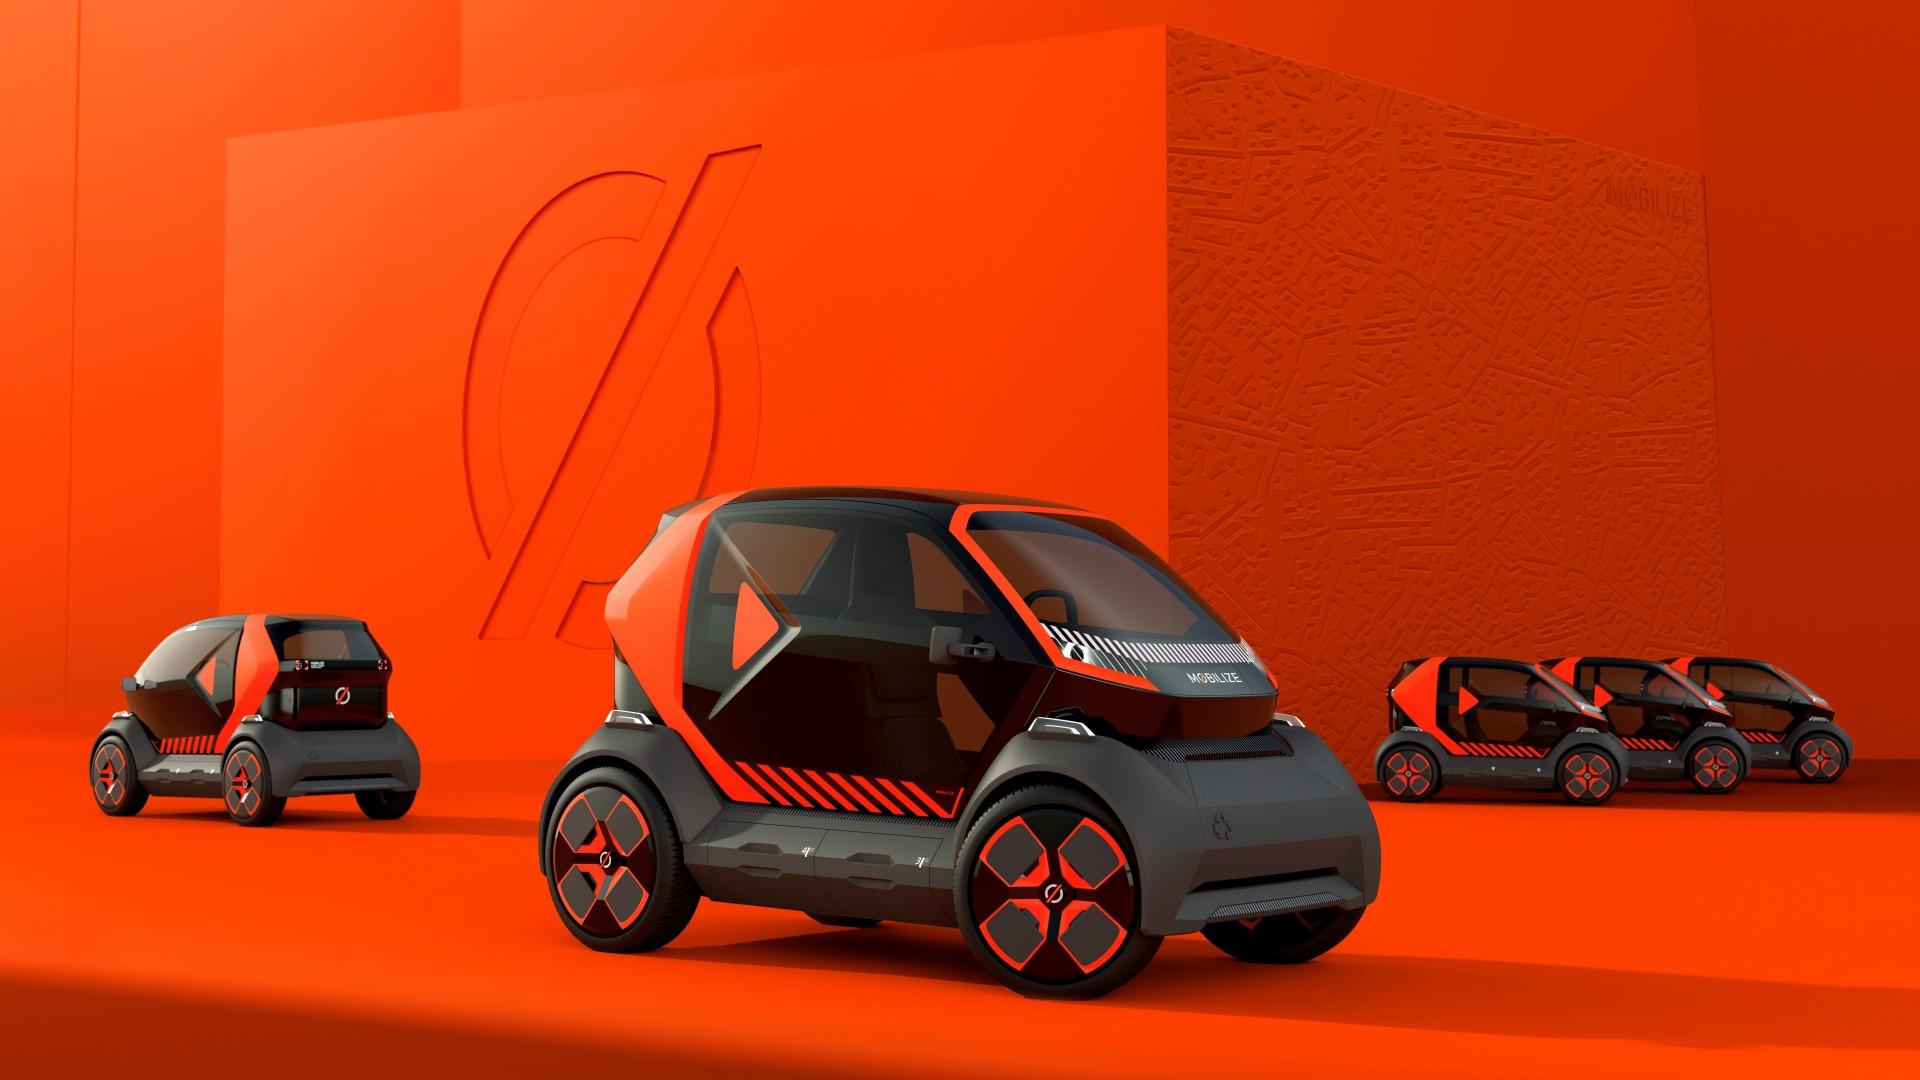 El Mobilize EZ-1 Prototype es el nuevo biplaza eléctrico de Renault